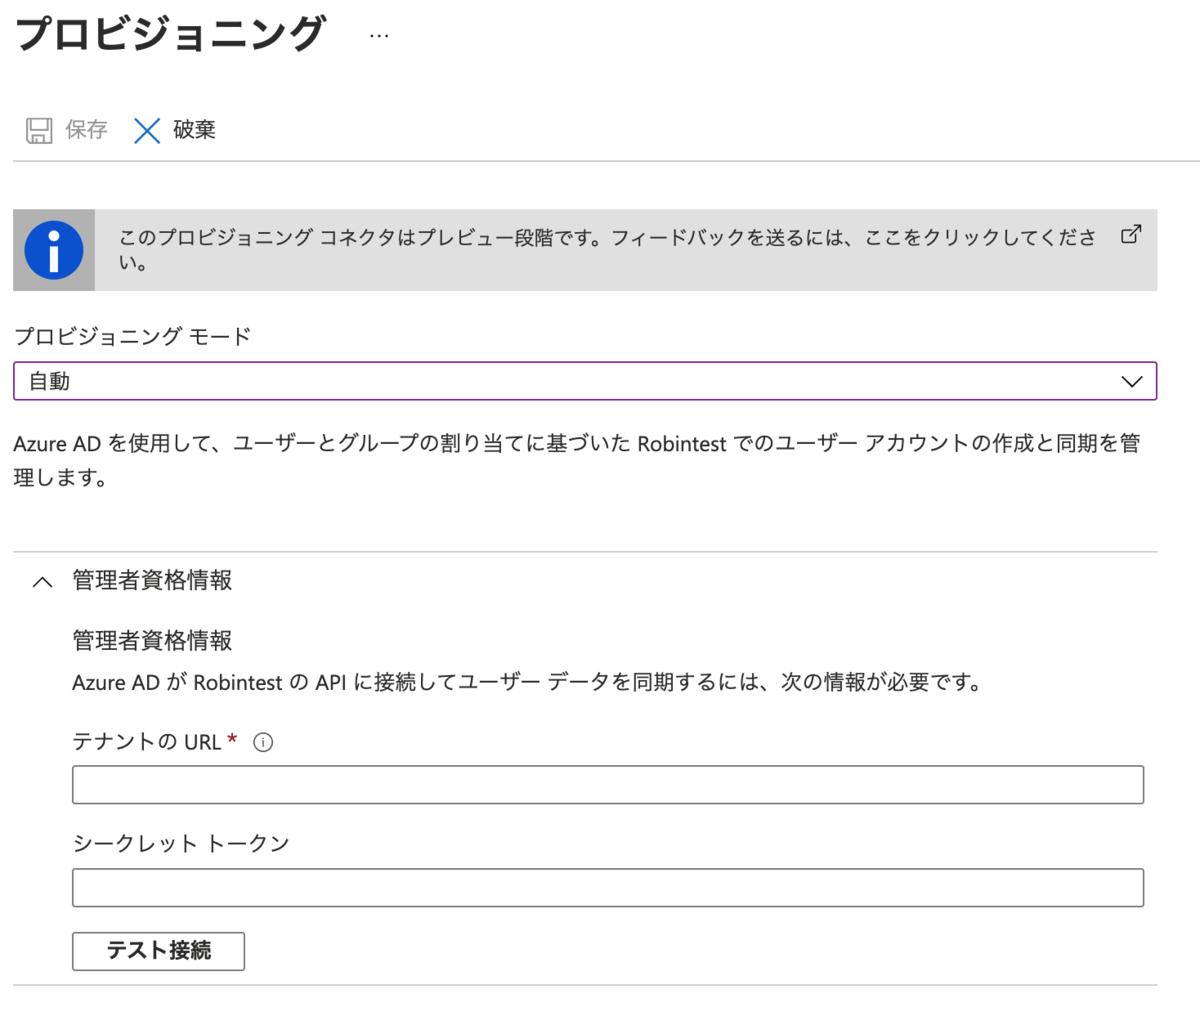 AzureAD_プロビジョニングの設定2